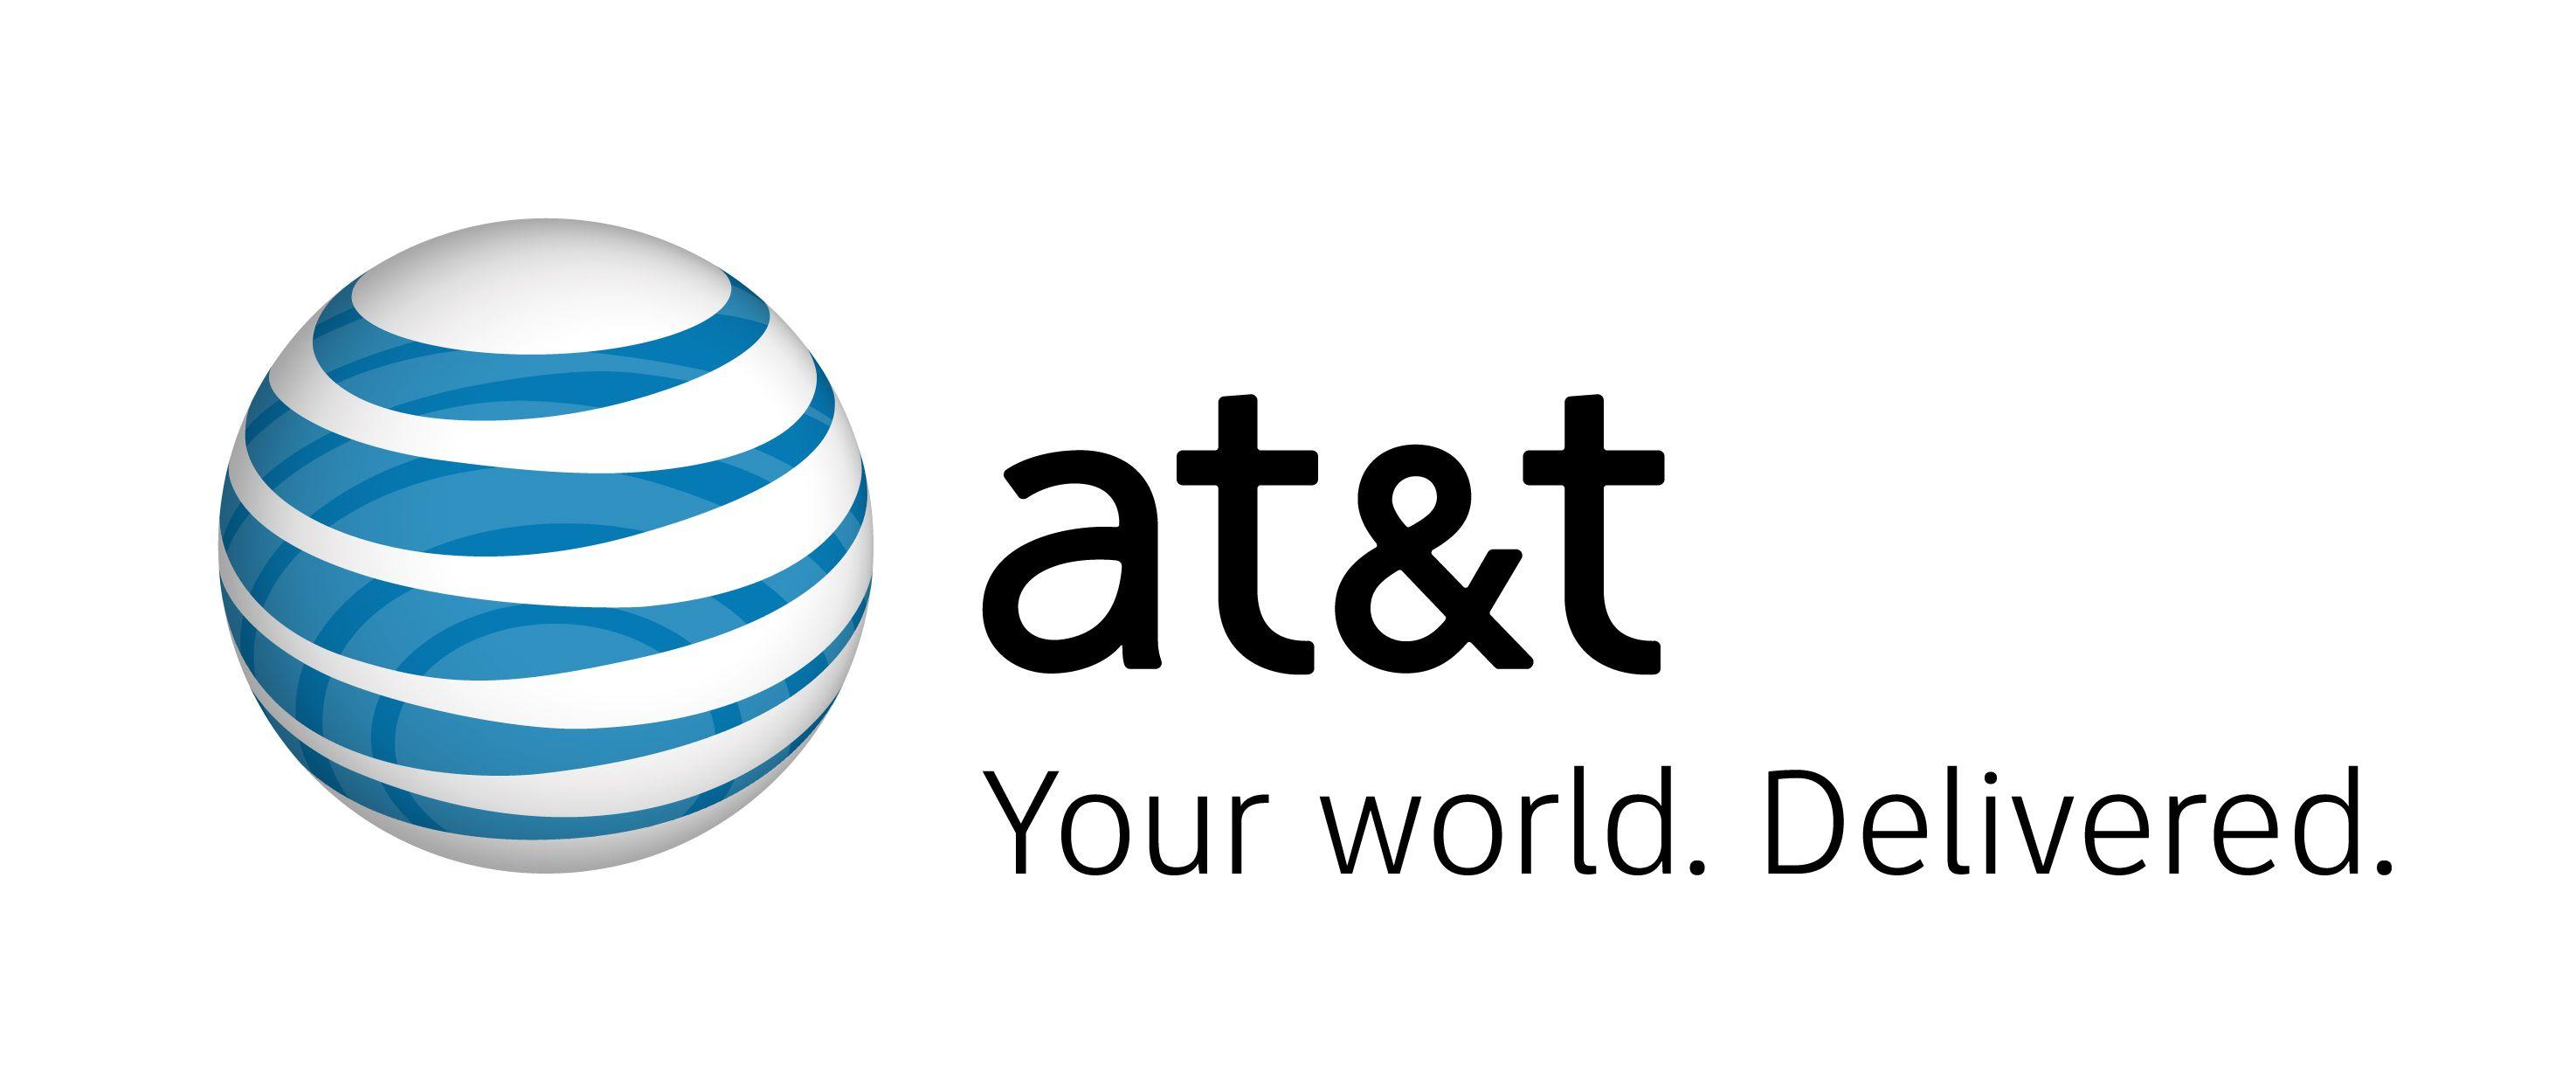 ATT-Your-World